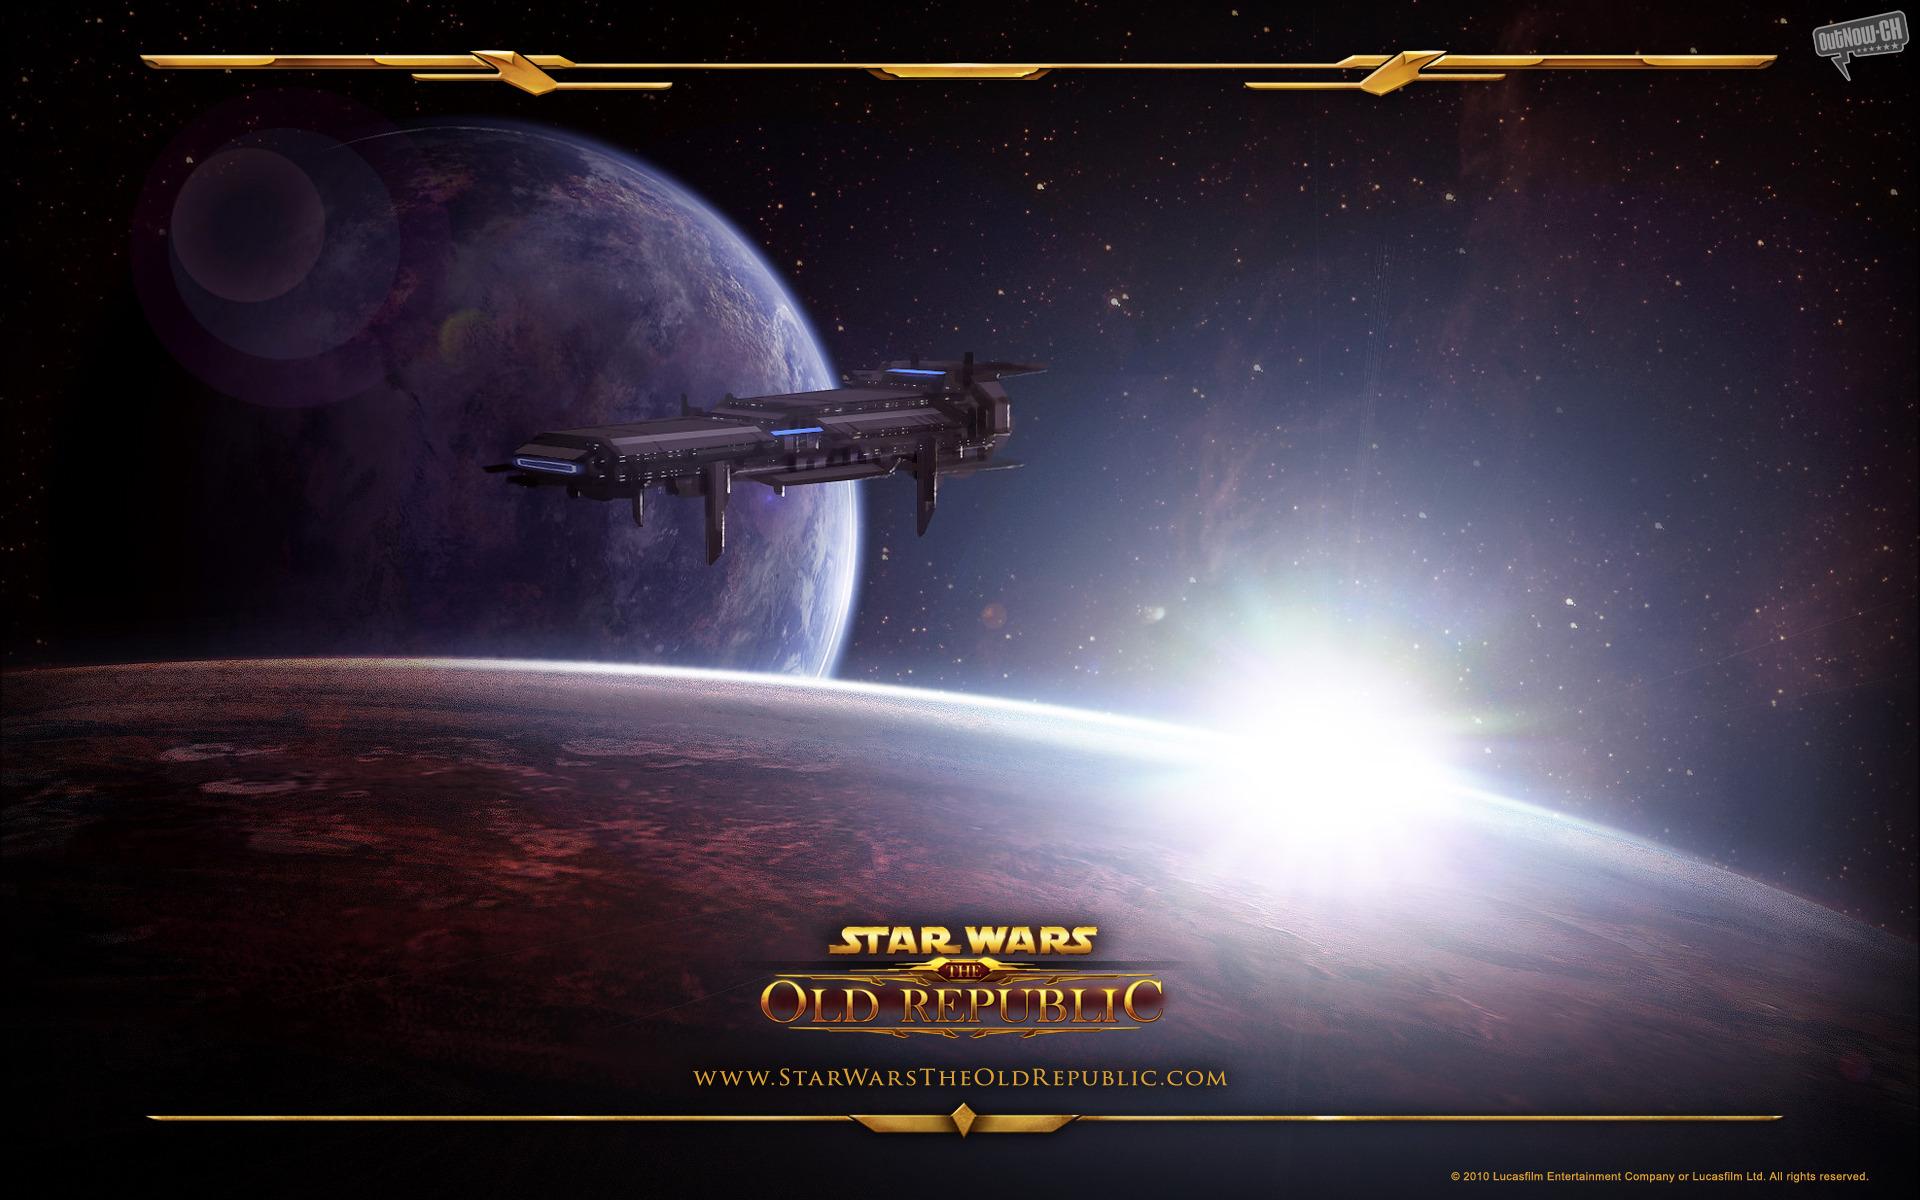 Описание: Рыцари Старой Республики — компьютерная ролевая игра 2003 года, действие которой происходит во вселенной « Звёздных войн». Разработана компанией BioWare по заказу LucasArts и выпущена для платформ Xbox, PC, Apple  Macintosh и iOS.